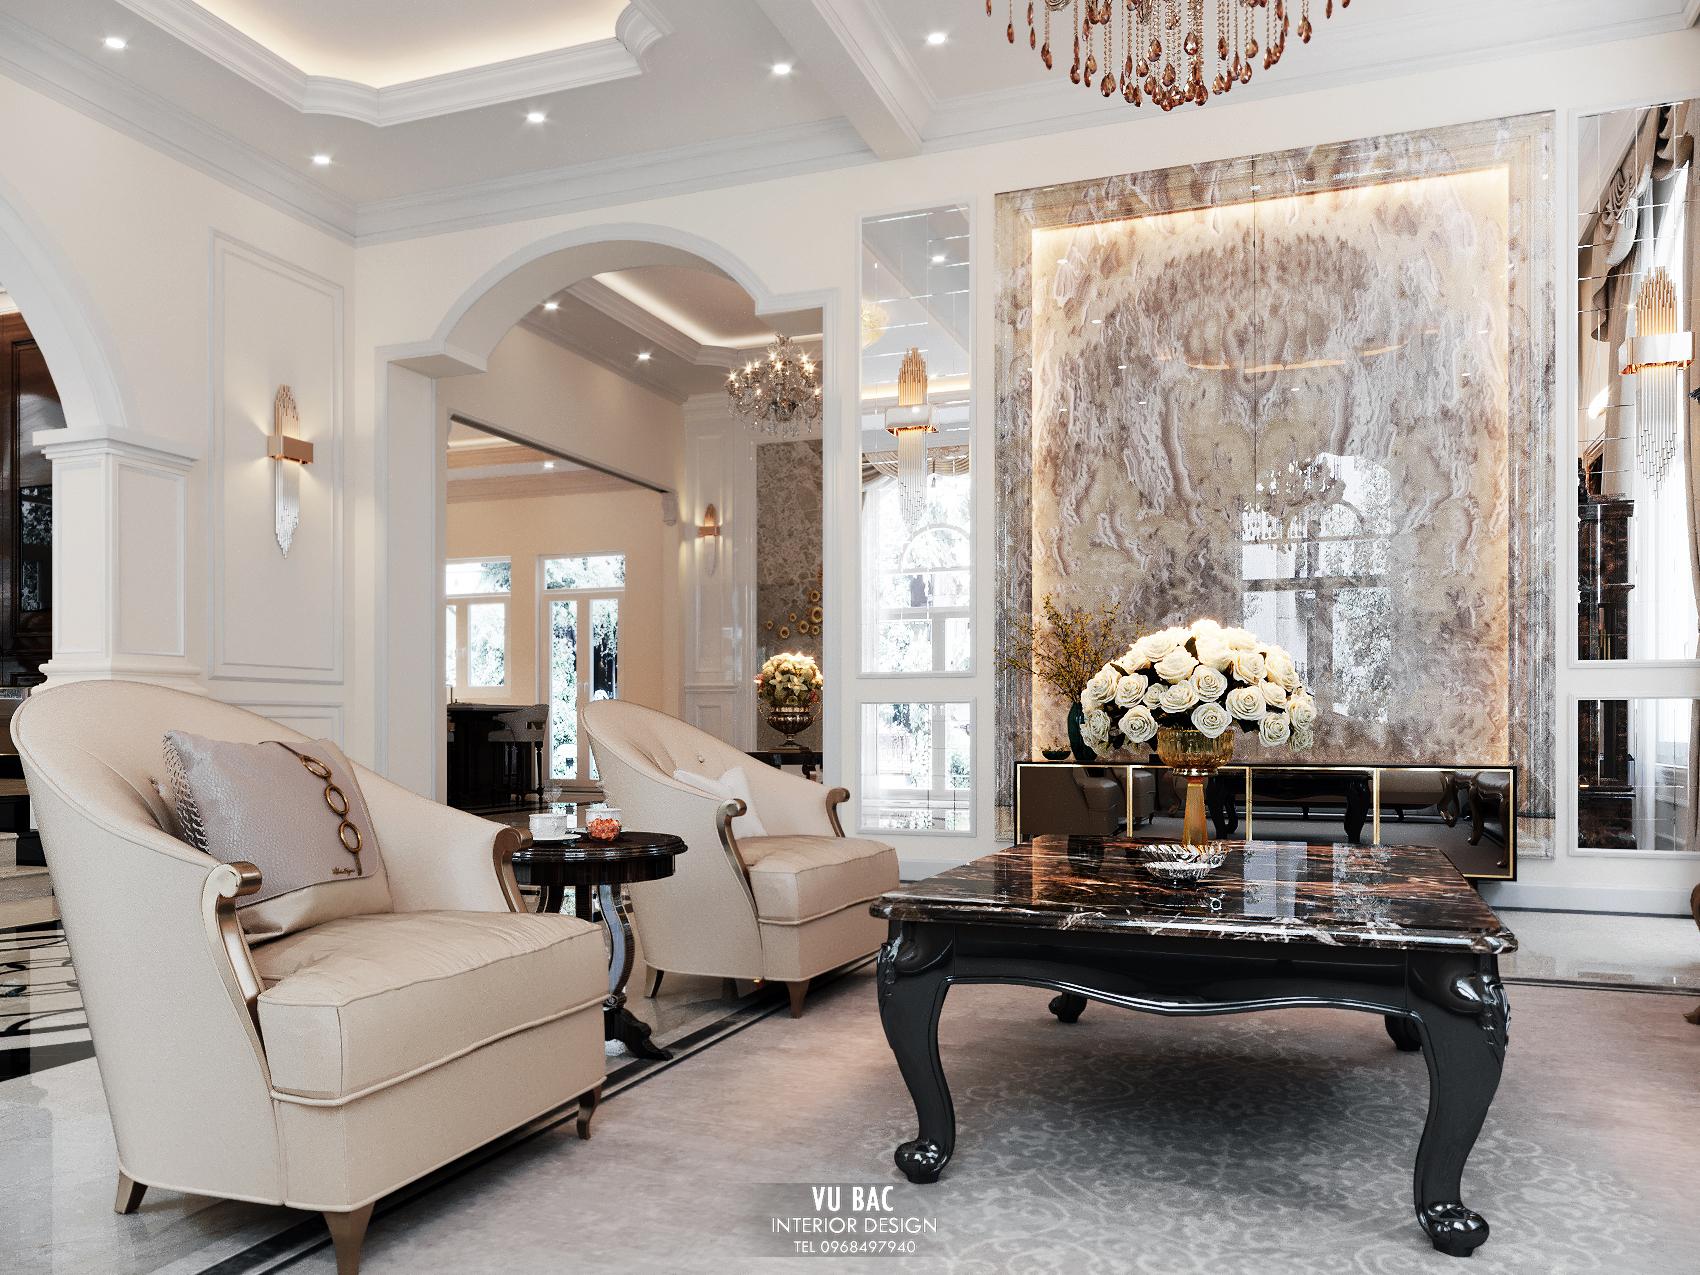 thiết kế nội thất Biệt Thự tại Hồ Chí Minh Villa Ven Sông Q7, Hồ Chí Minh 8 1548942866